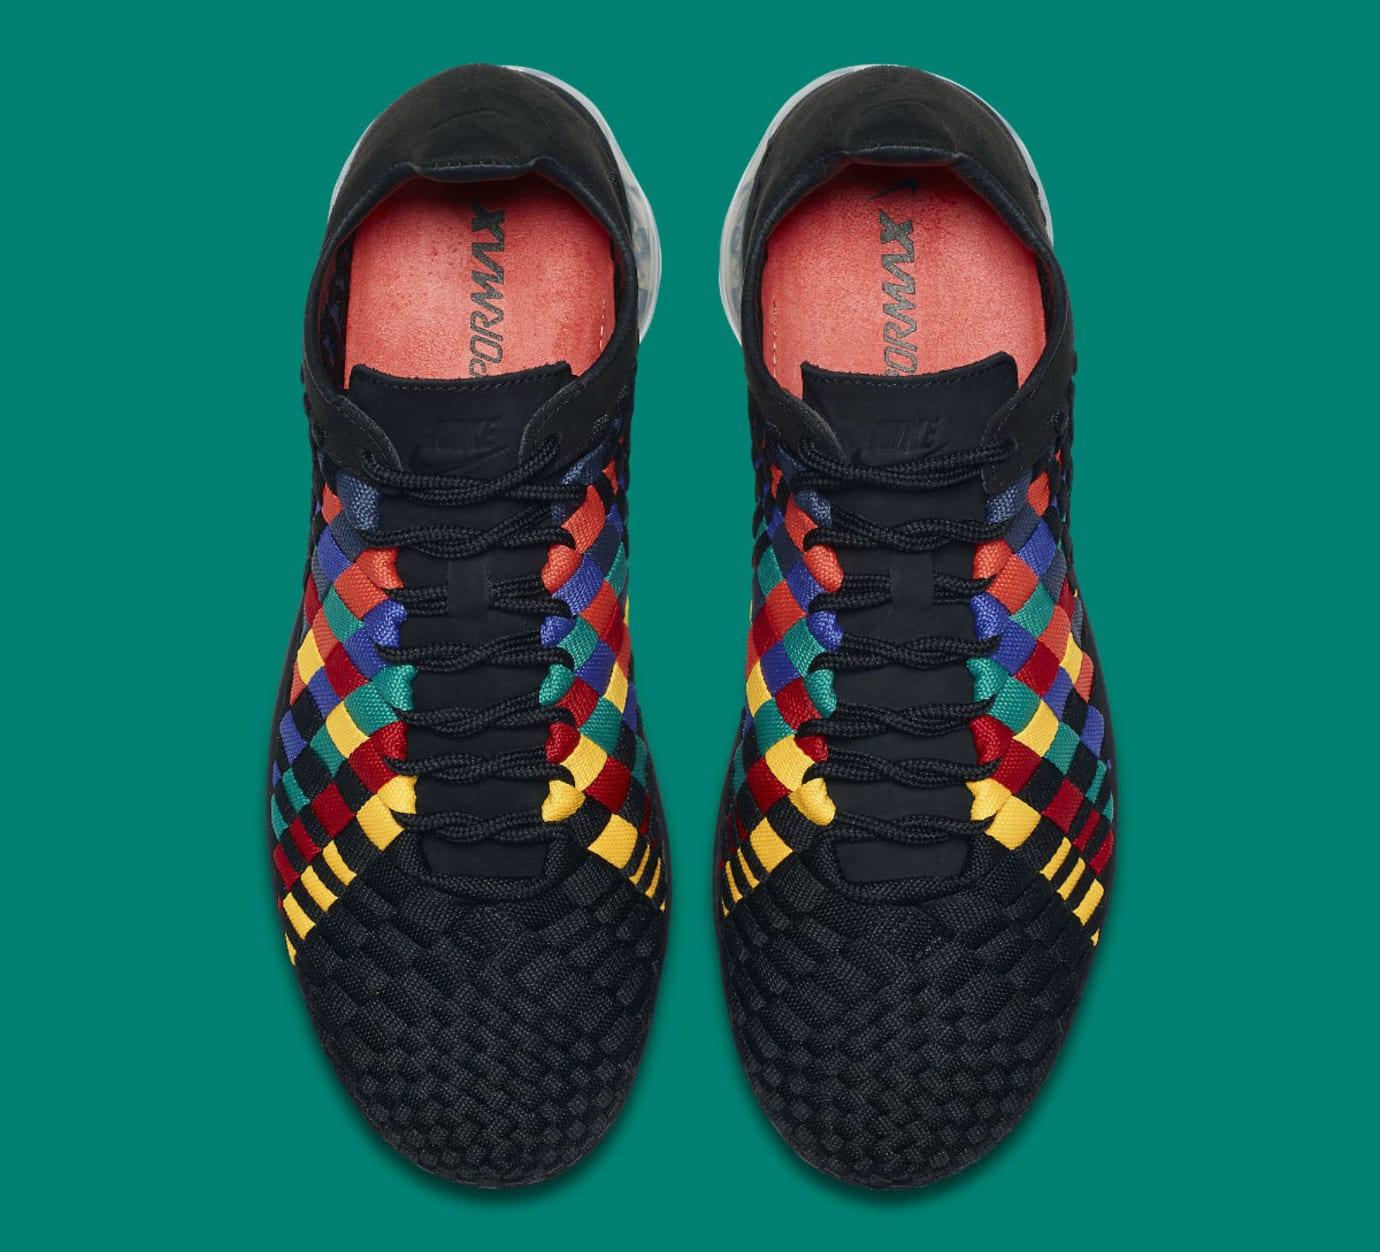 Nike Air VaporMax Inneva Multicolor Release Date AO2447-001 Top